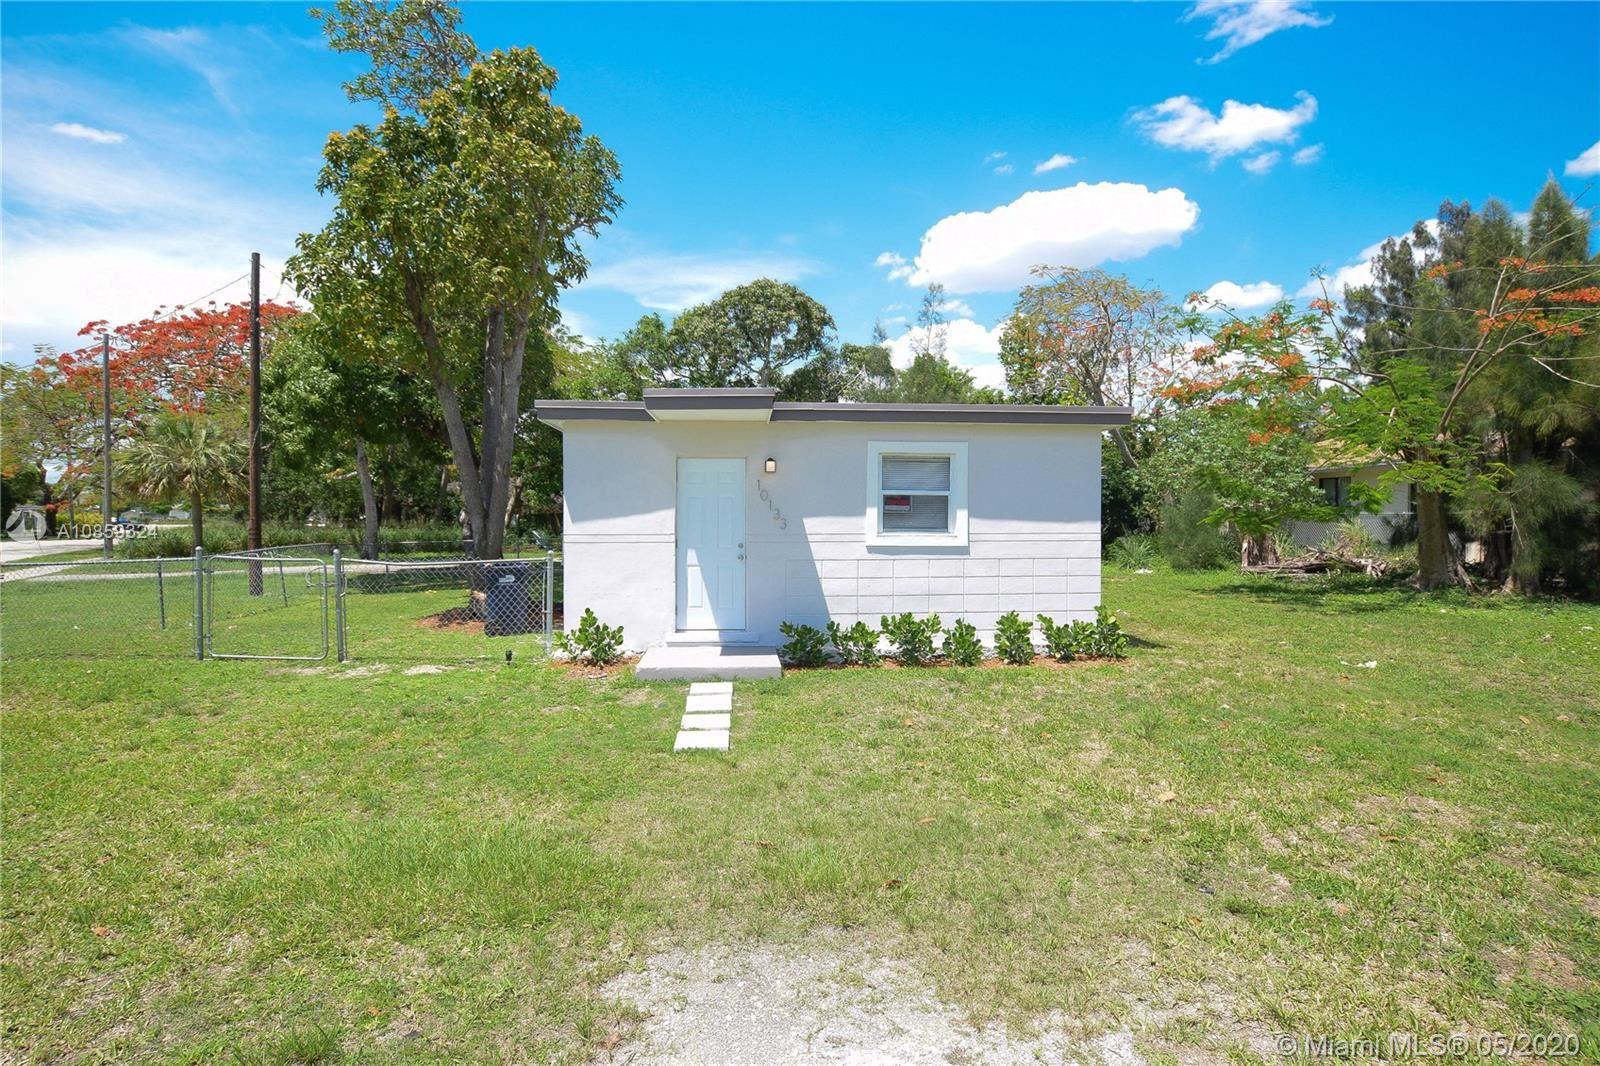 10133 W Jessamine St, Miami, FL 33157 - #: A10859324